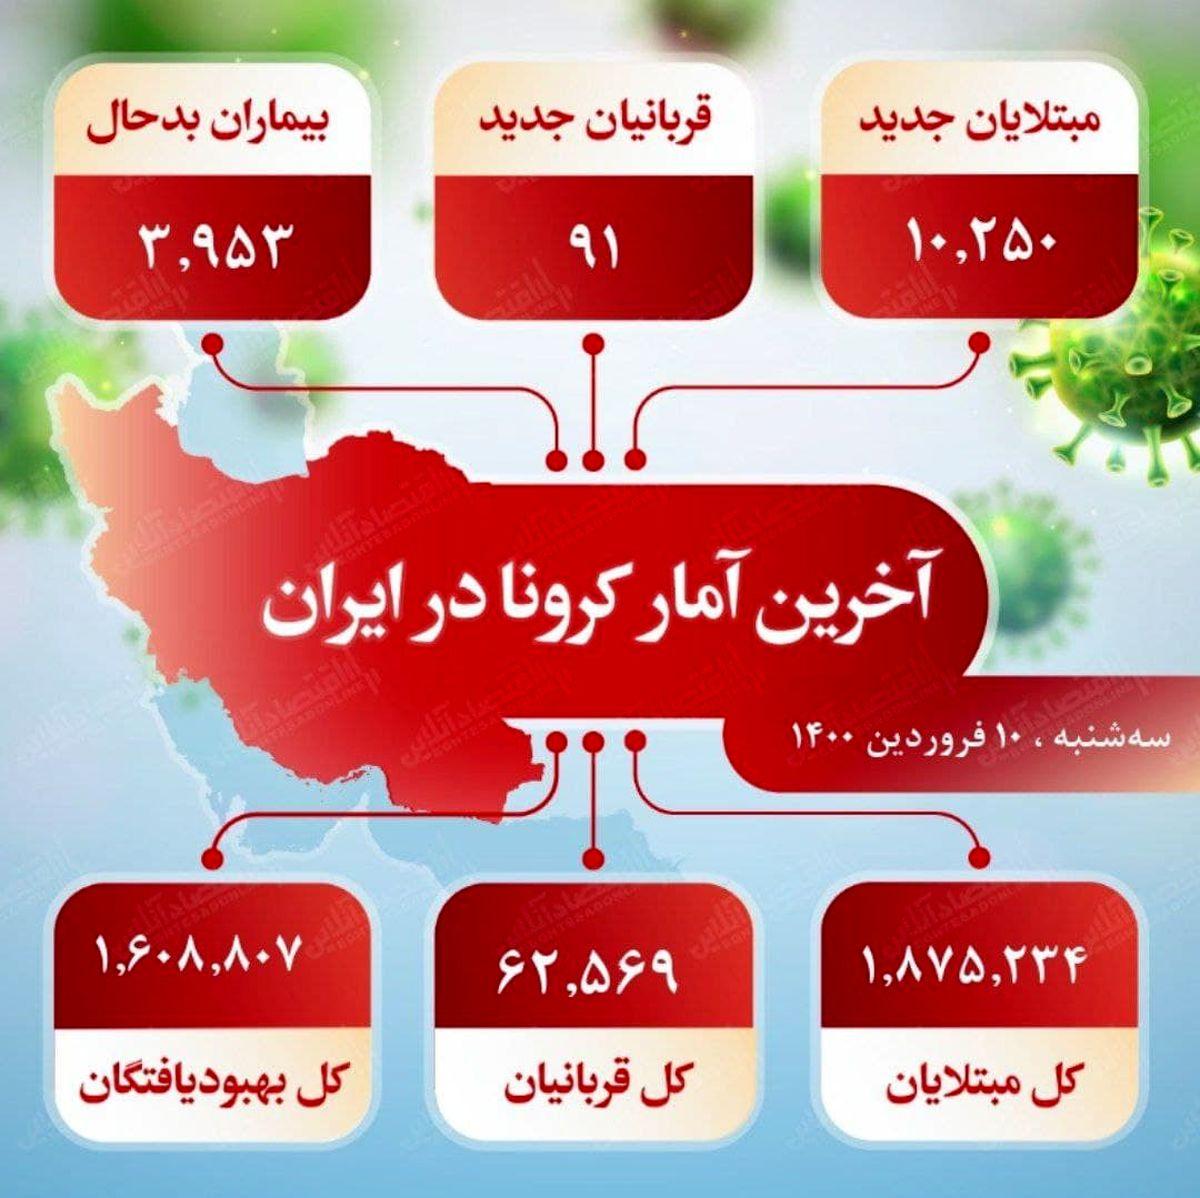 آخرین آمار کرونا در ایران (۱۴۰۰/۱/۱۰)